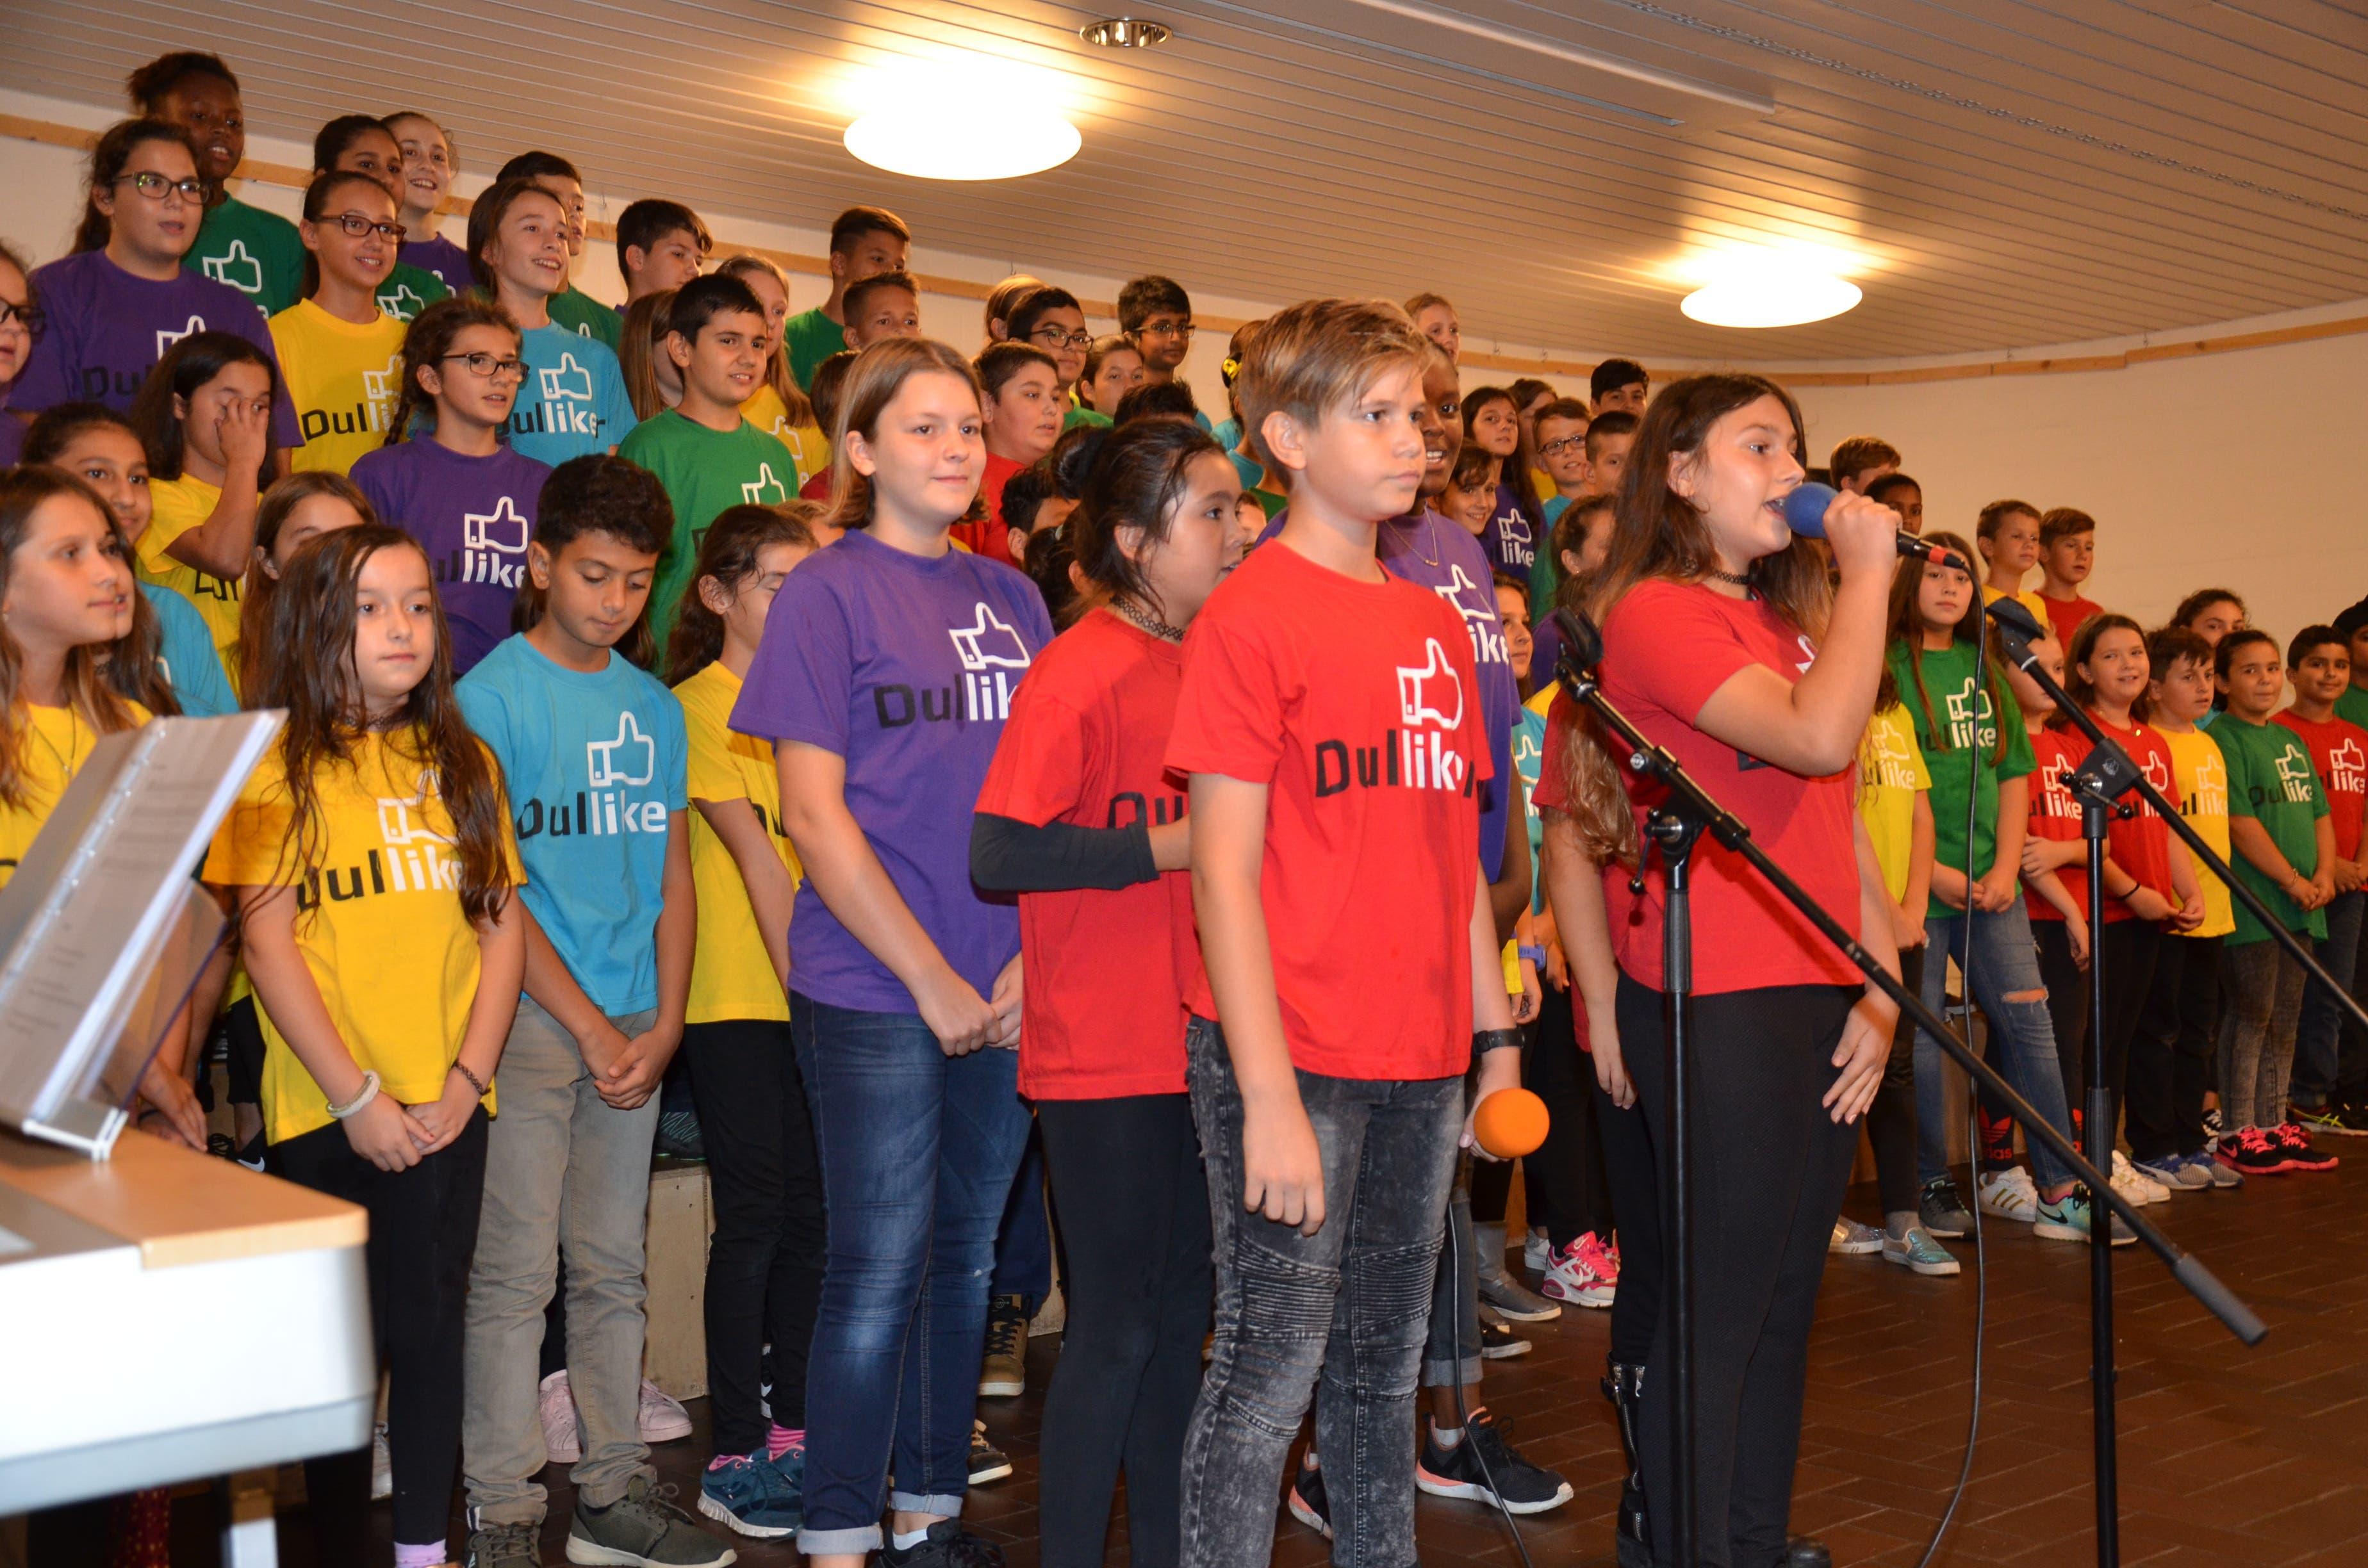 Konzert des Dulliker Schülerchor im Saal der kath. Kirche